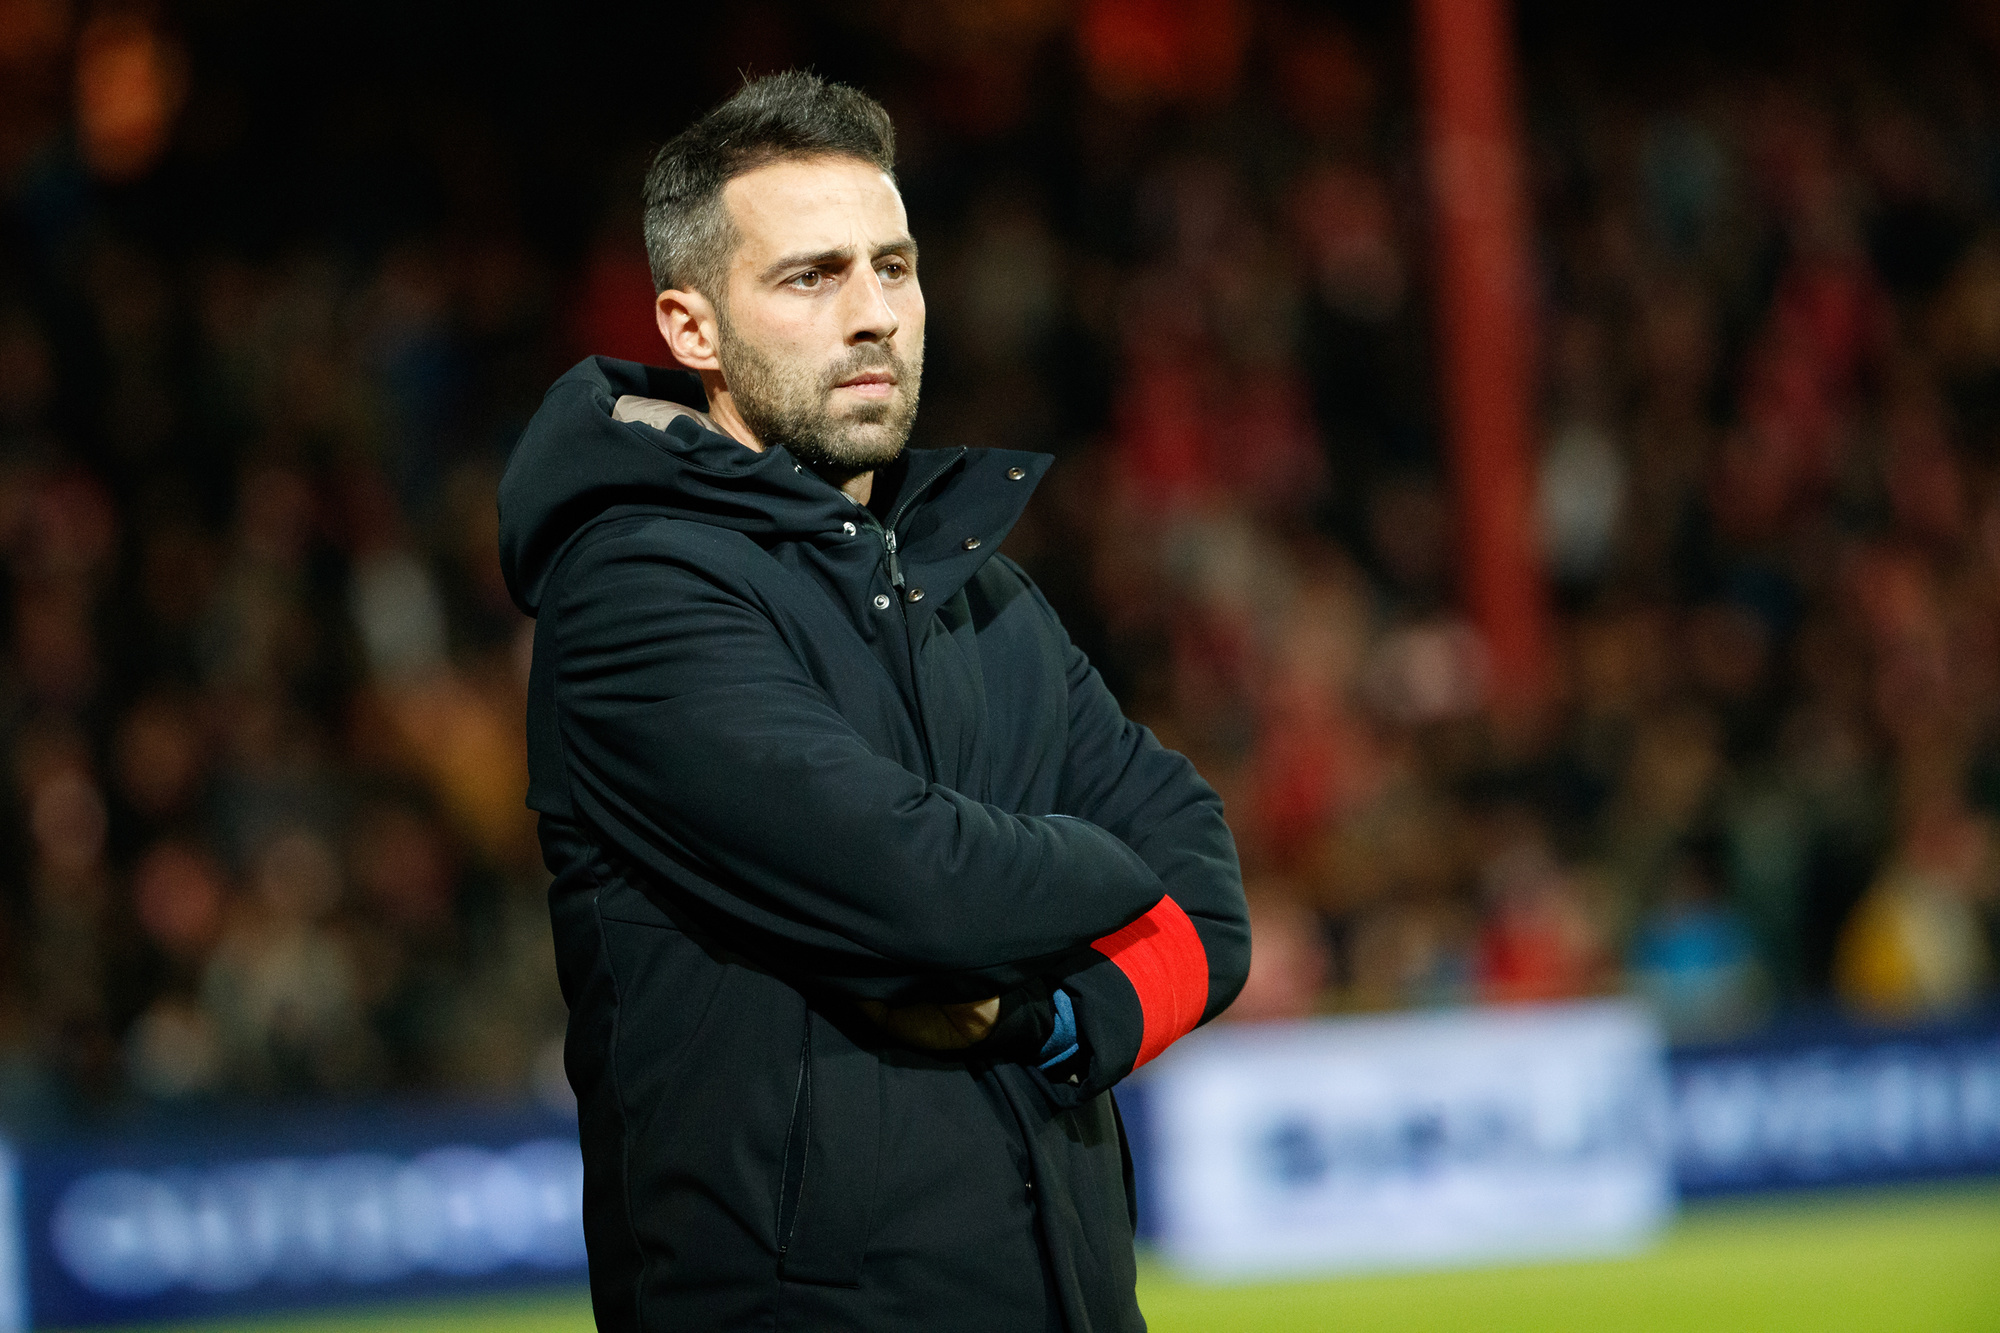 Yannick Ferrera: 'Het zit veel minder in onze cultuur om jonge coaches een kans te geven.', Belga Image